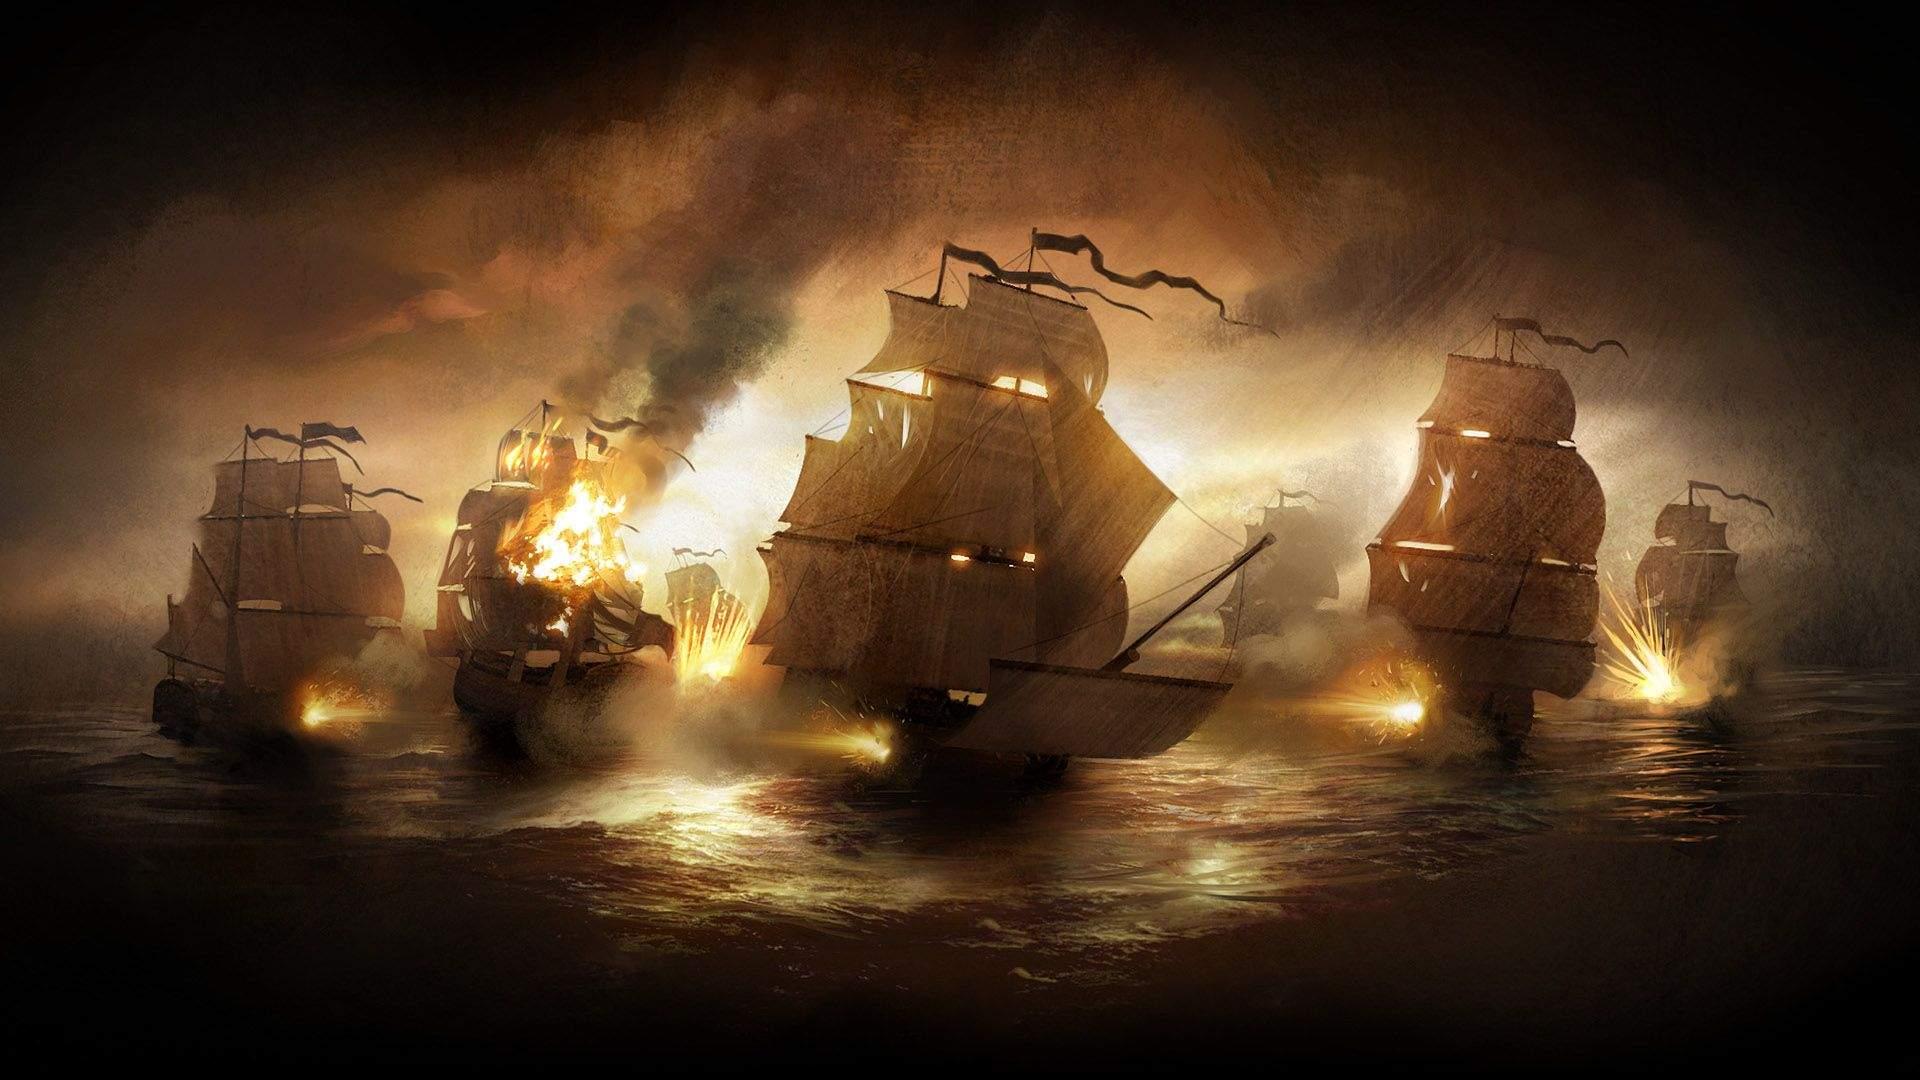 çeşmede yakılan osmanlı donanması